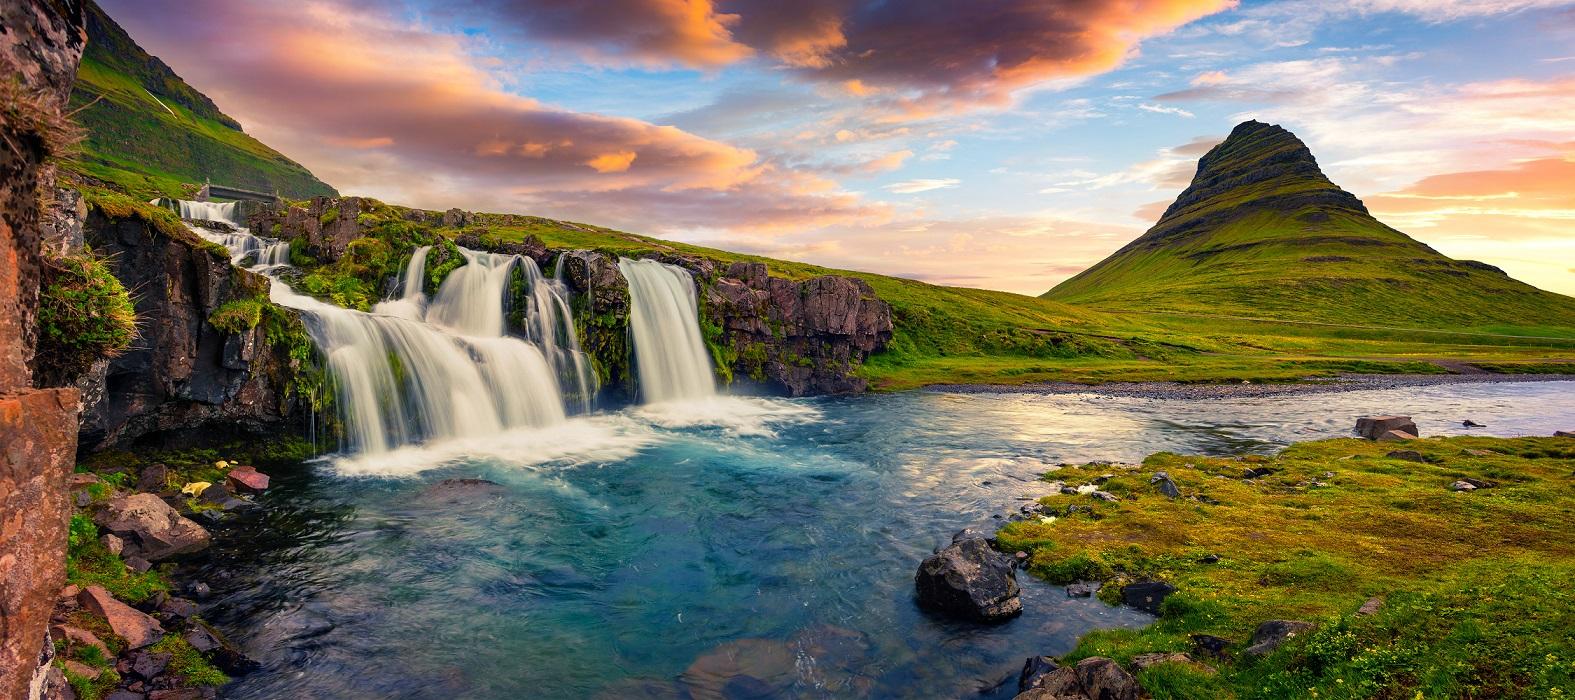 아이슬란드일주패키지12일 아이슬란드세미패키지 아이슬란드일주고품격 소규모패키지 소그룹패키지 트래블로드 아이슬란드링로드 아이슬란드하이랜드인랜드 란드마나라우가